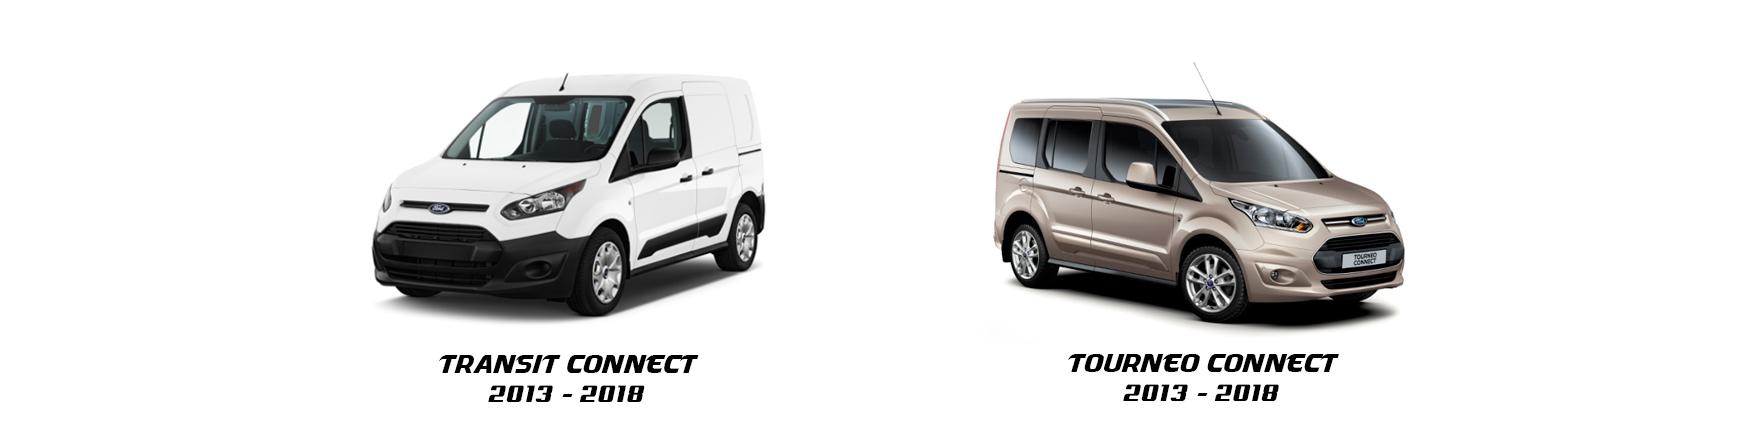 Veramauto.es - Ford Transit Tourneo Connect 2013 - 2018